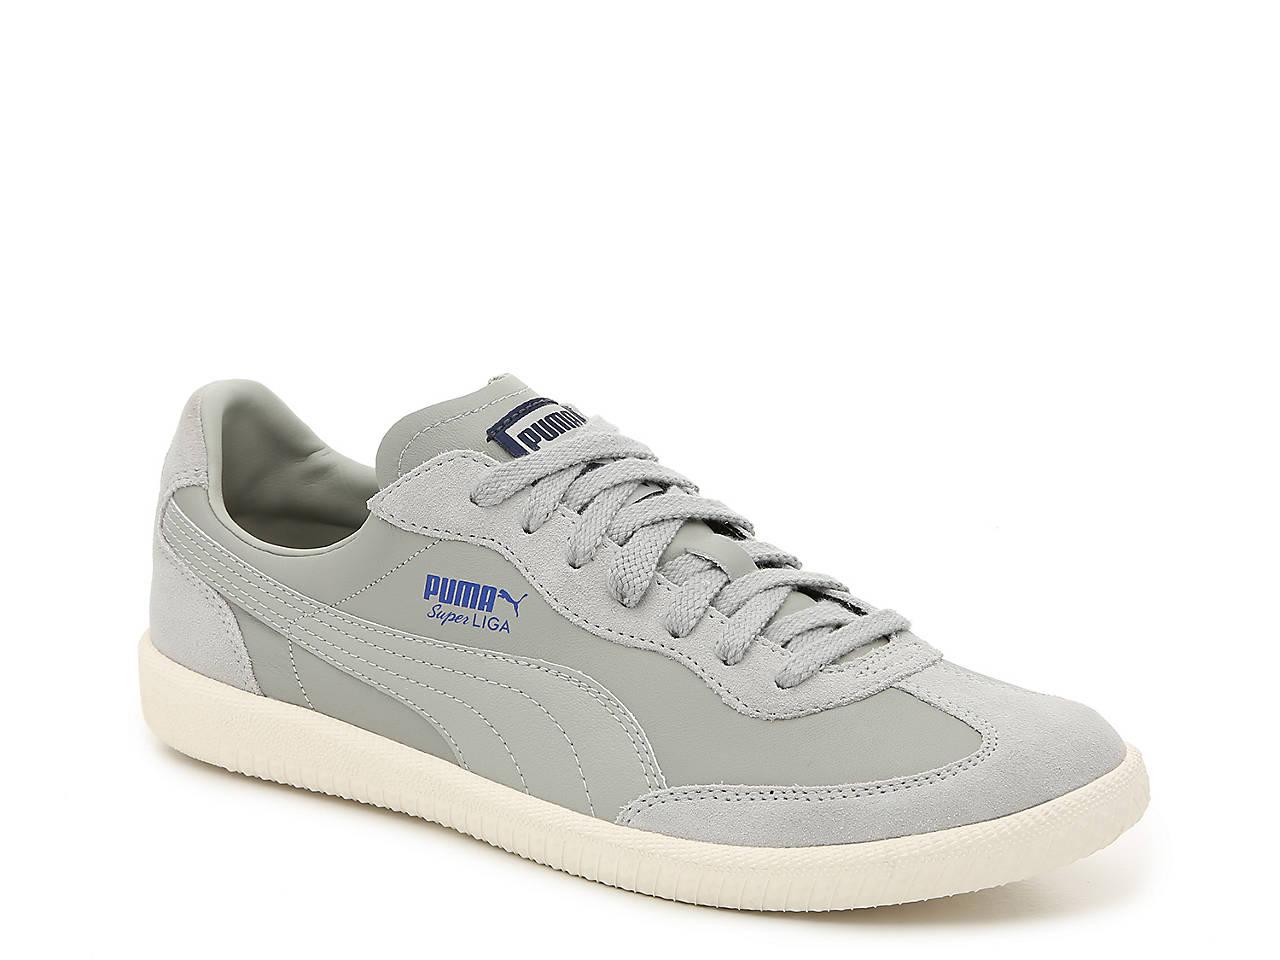 purchase cheap e55da 1e86f Super Liga OG Retro Sneaker - Men's